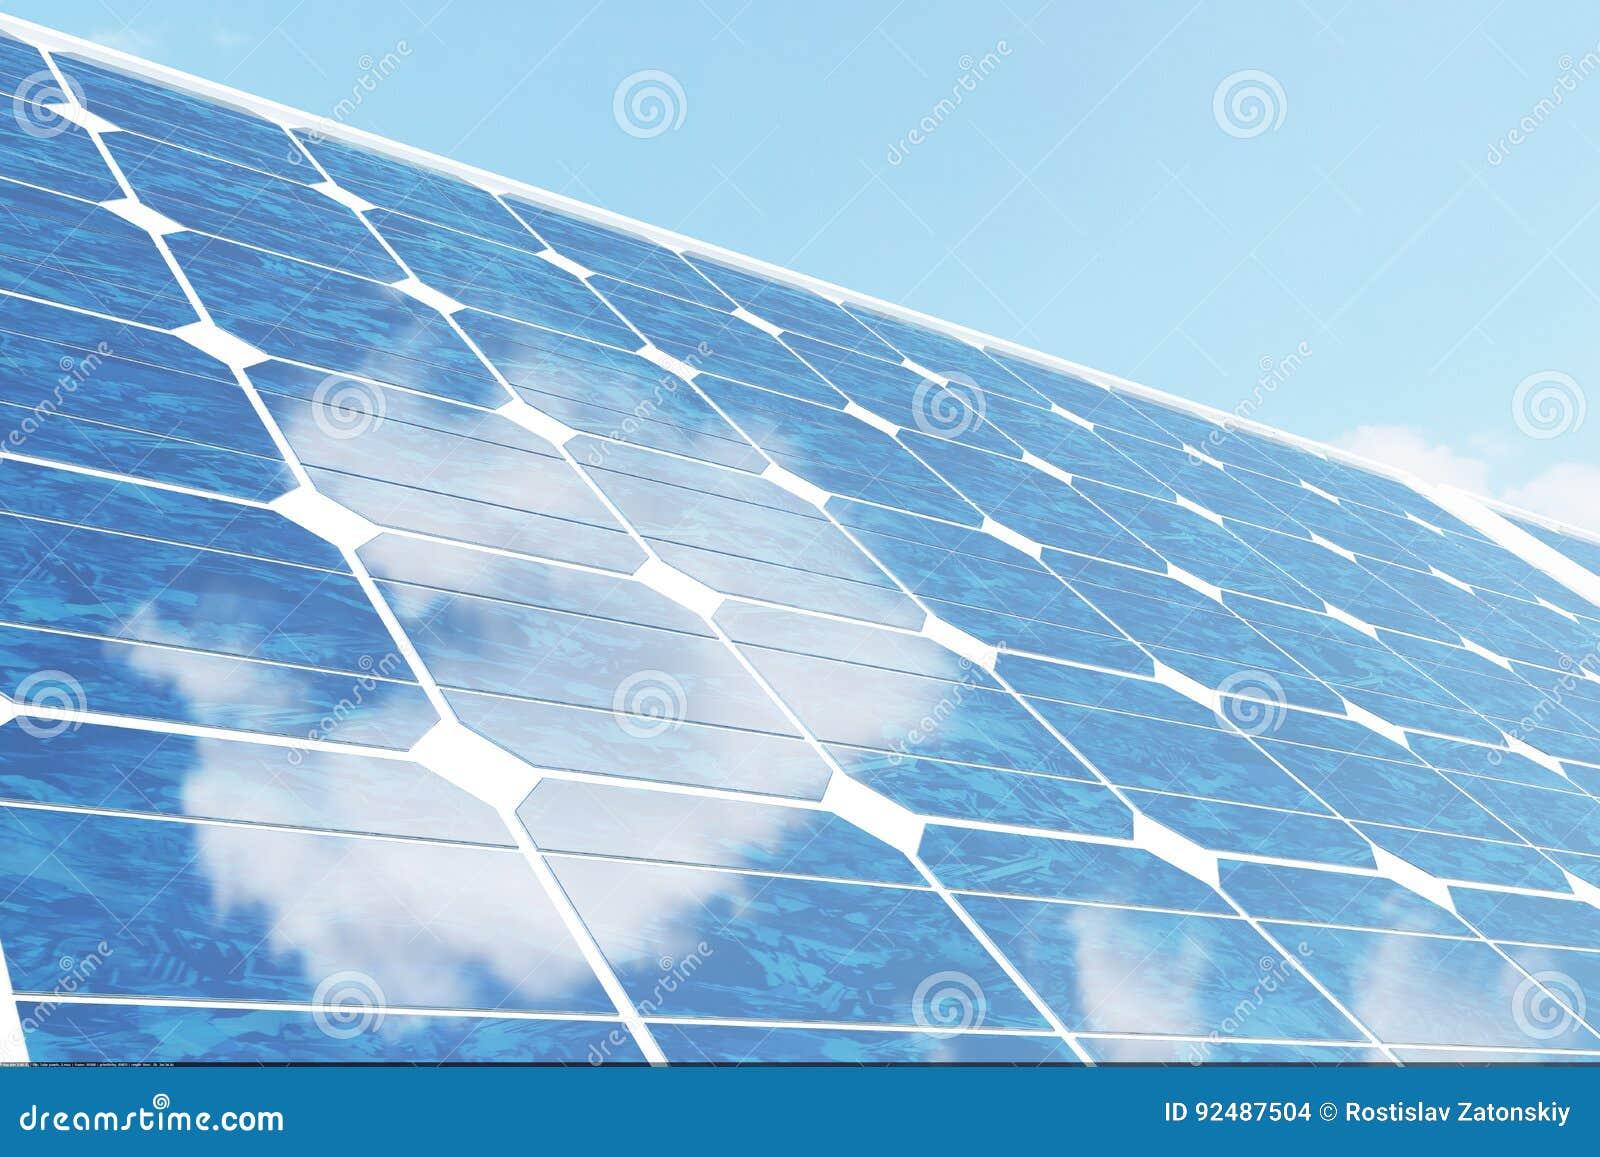 Sonnenkollektoren der Illustration 3D auf Himmelhintergrund Alternative saubere Energie der Sonne Energie, Ökologie, Technologie